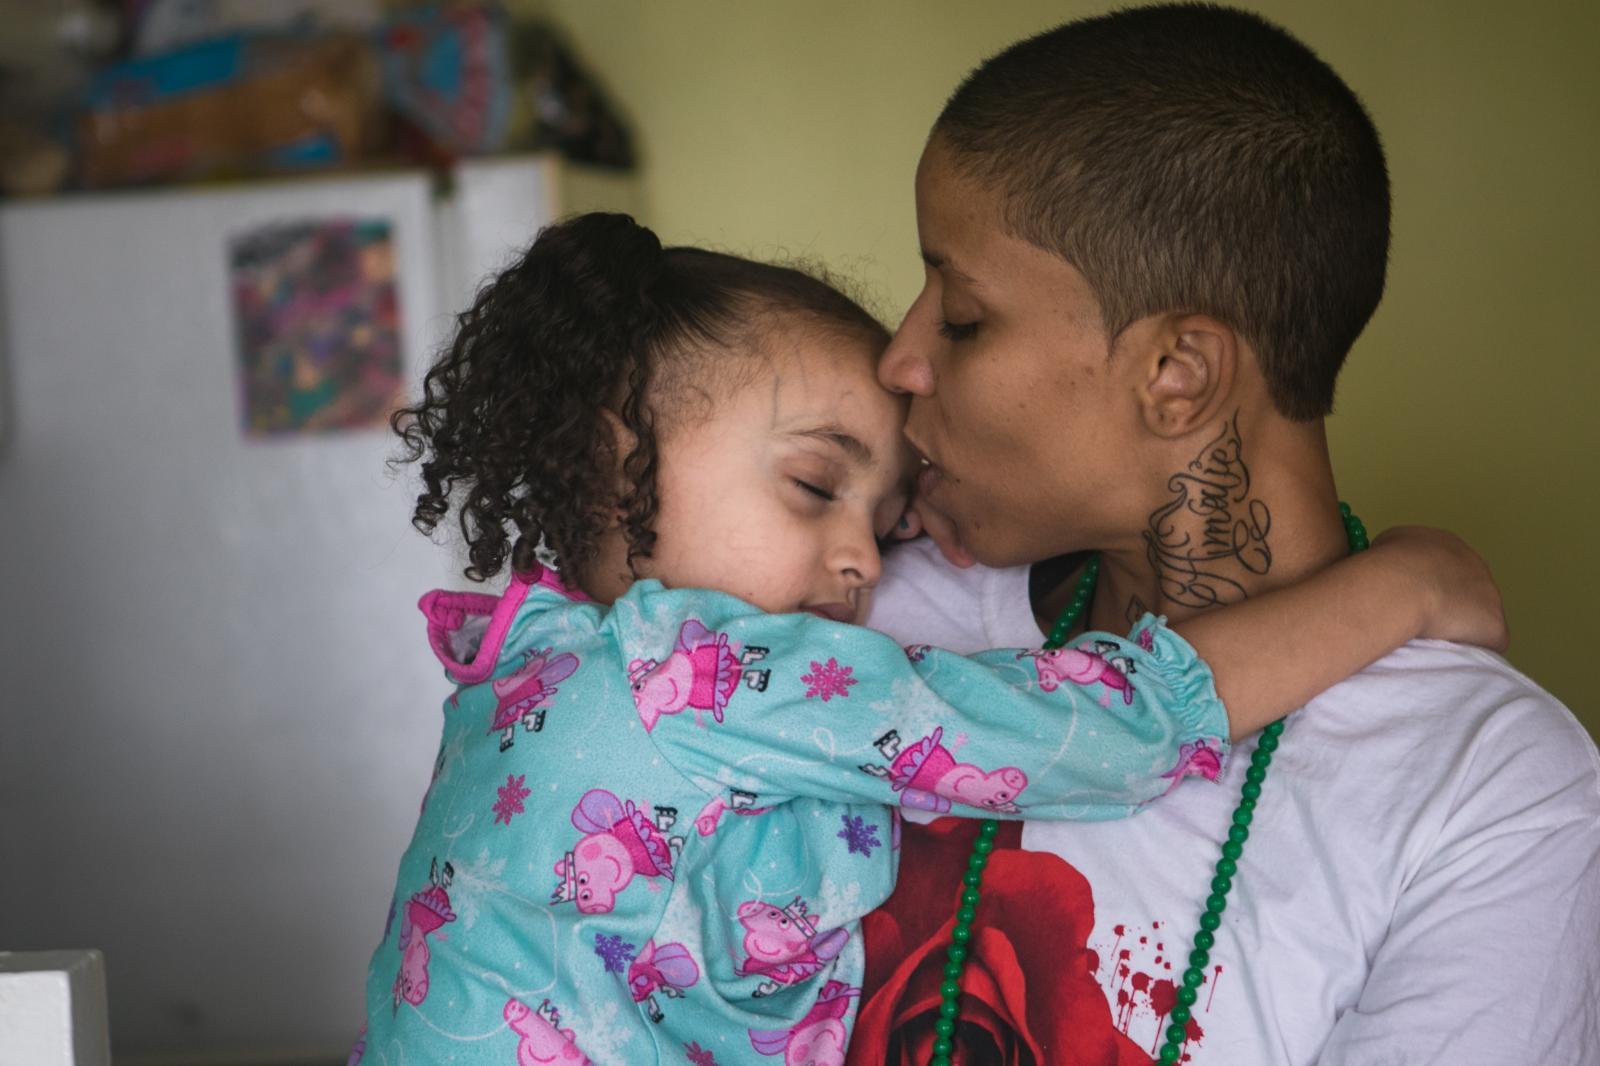 Photography image - Loading HackettMariaJ_Motherhood_ChangingRealityLowRes-2.jpg